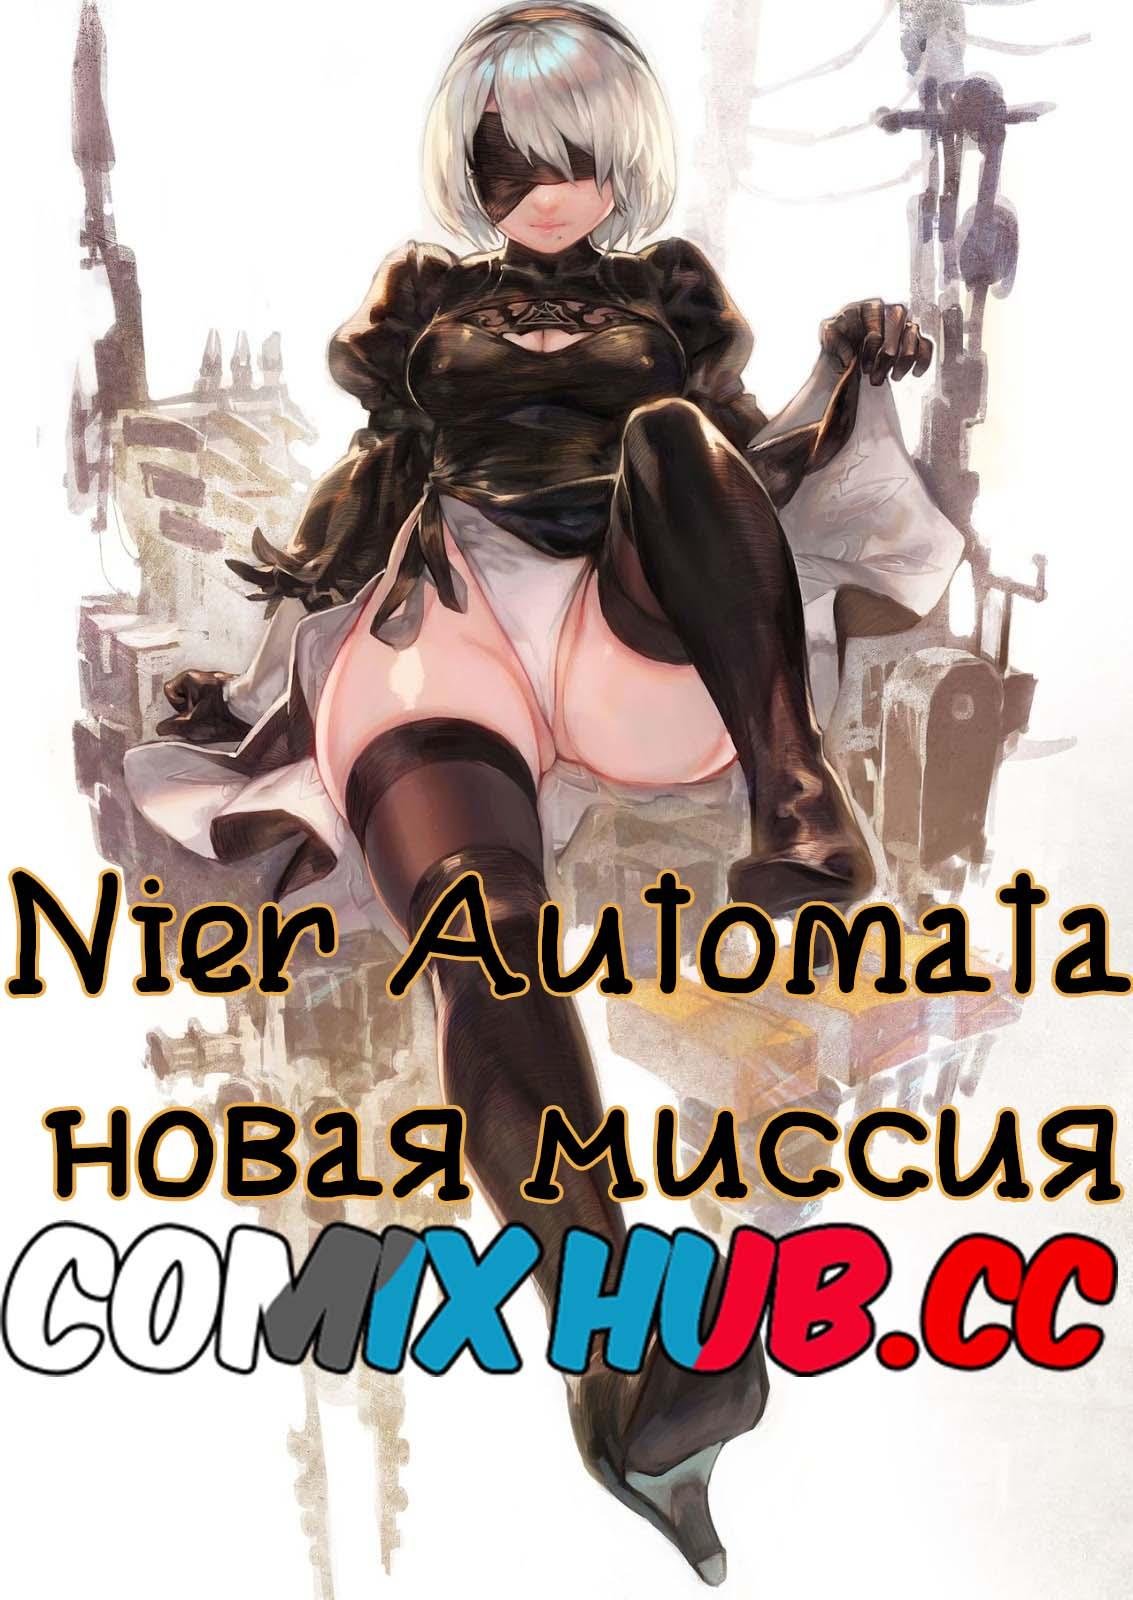 Порно комиксNierAutomata новаямиссия.